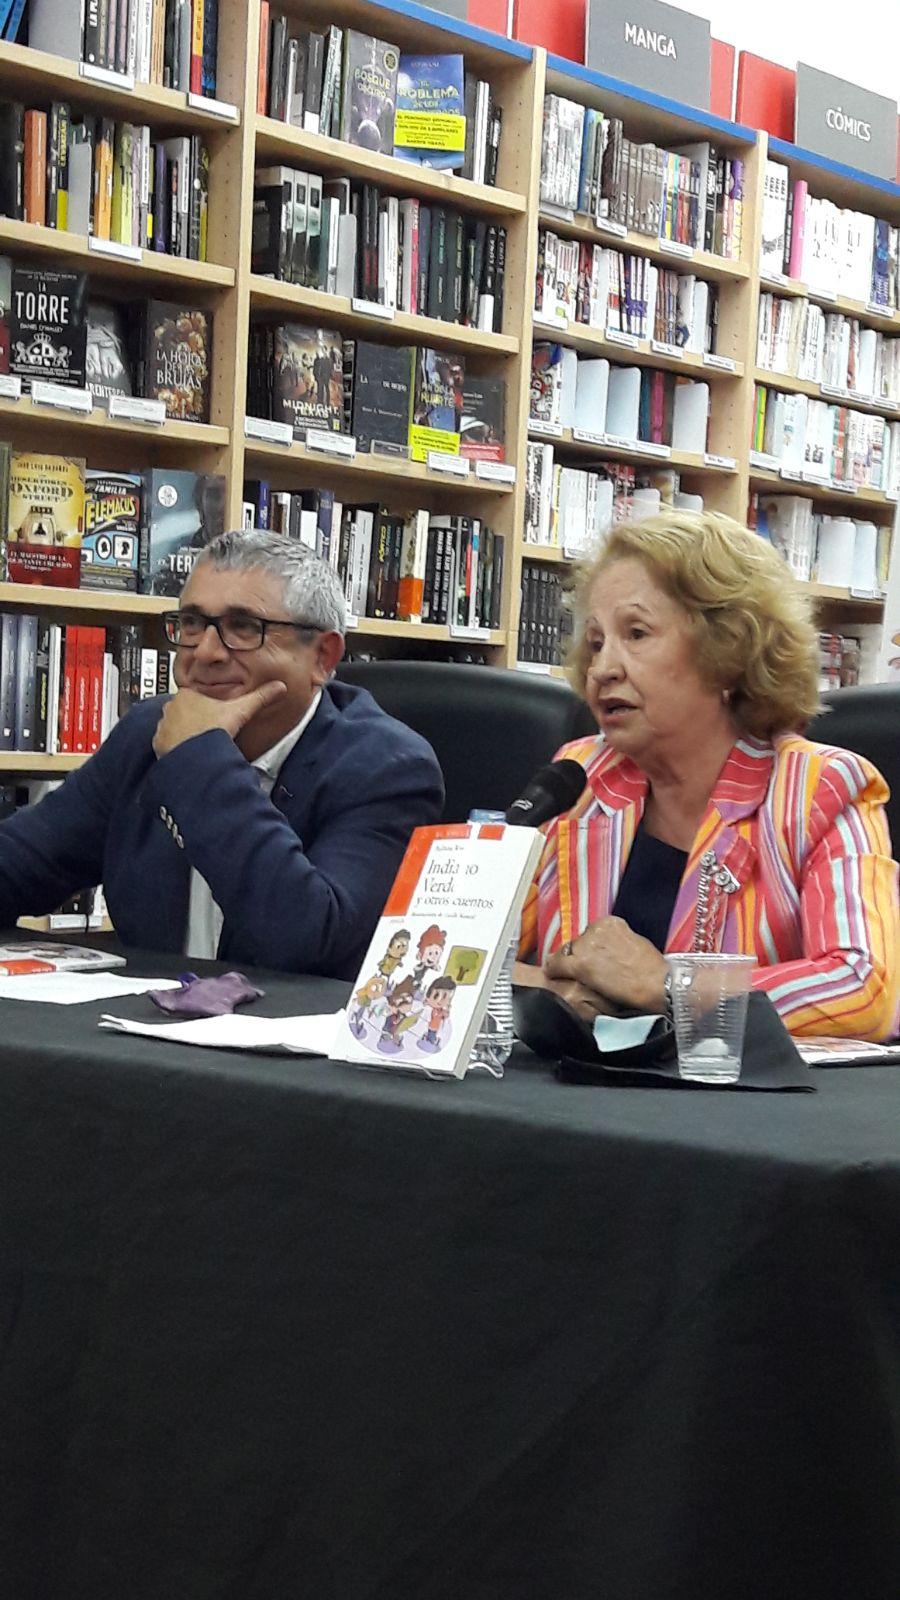 Presentación de Indiano verde, de Balbina Rivero, en la librería Agapea